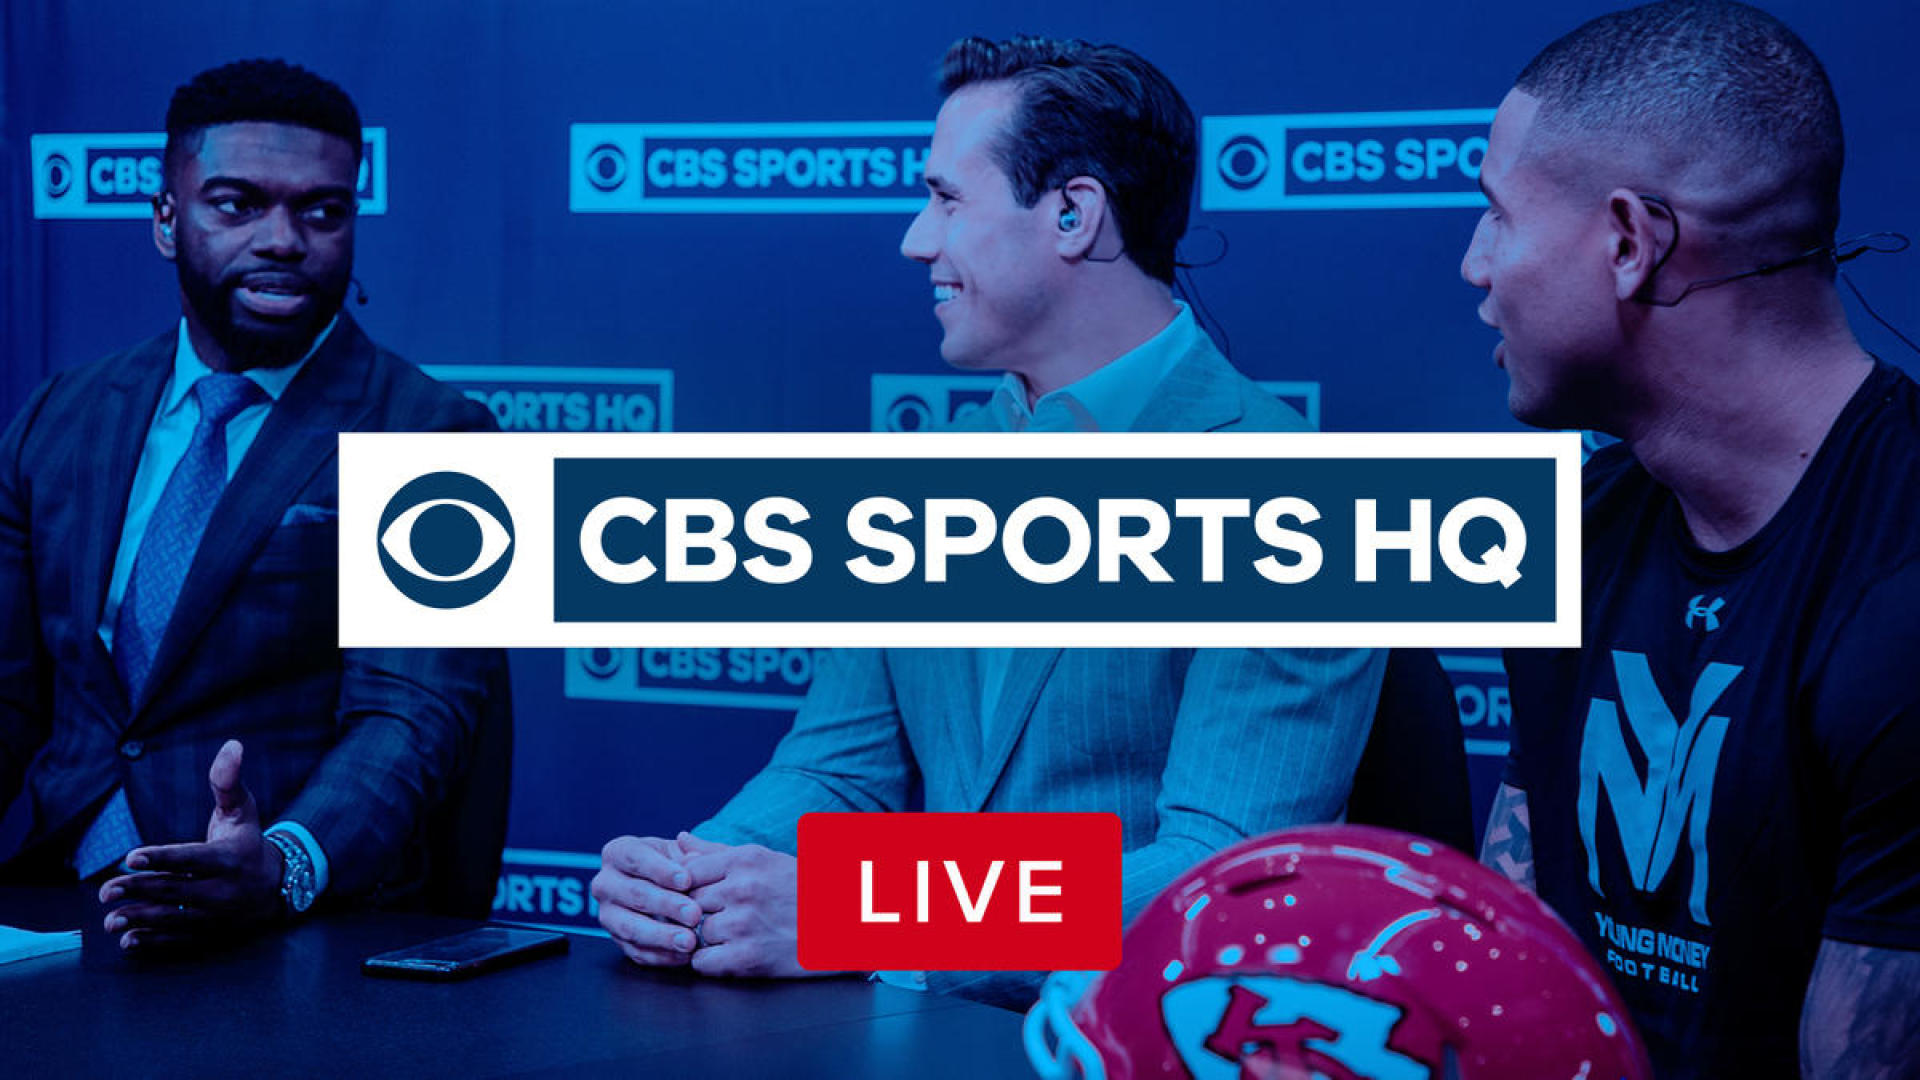 Cbs Sports Hq Nfl Halftime Show Cbssports Com